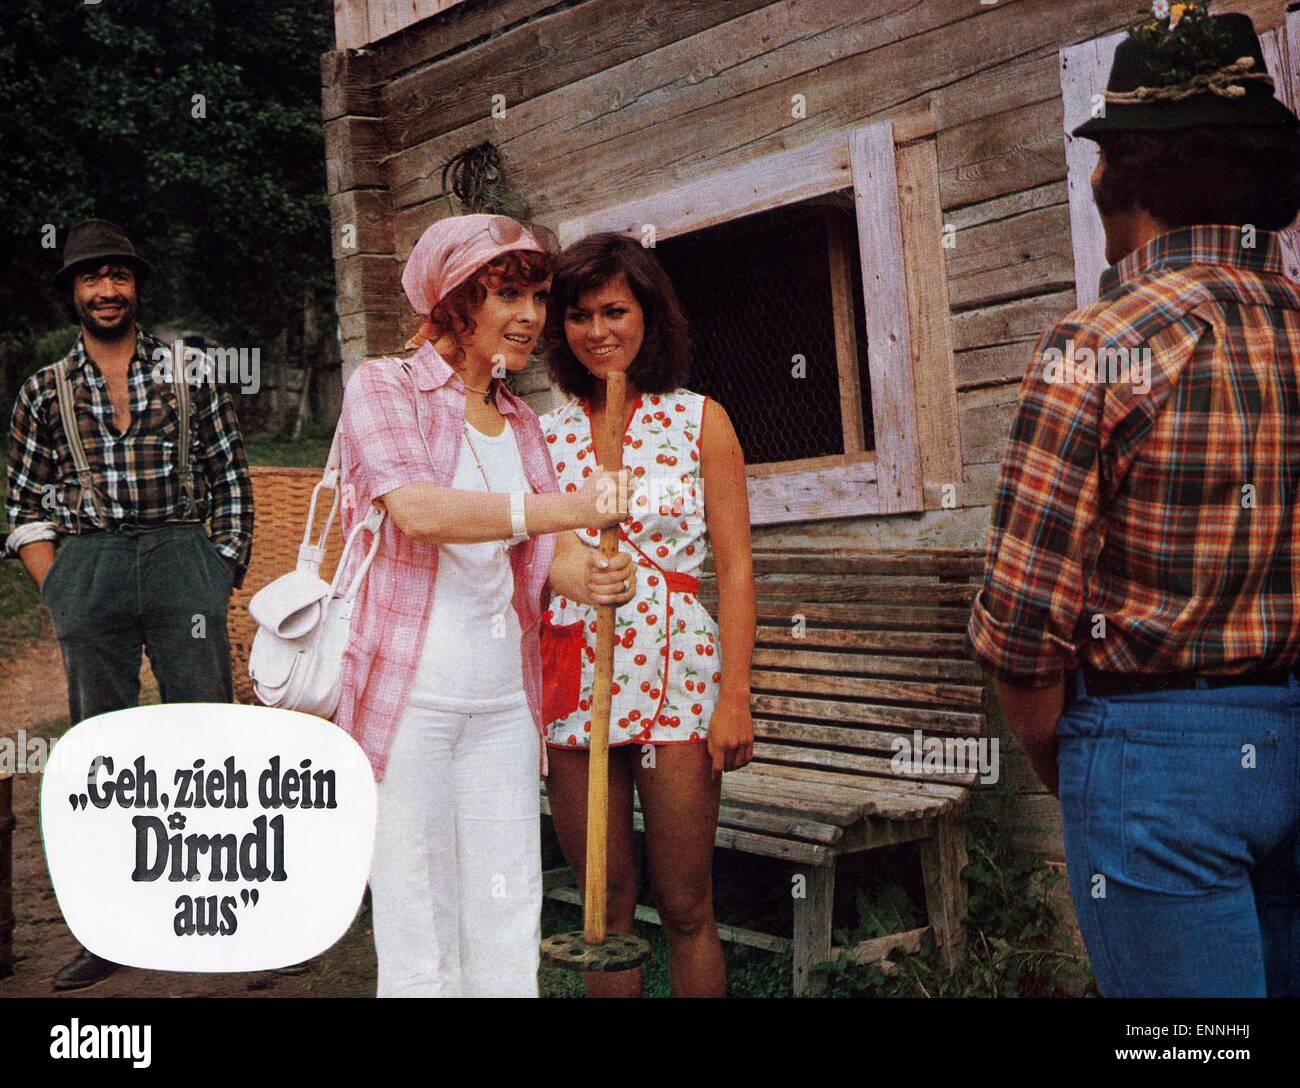 Geh, zieh dein Dirndl aus, Deutschland 1973, Regie: Sigi